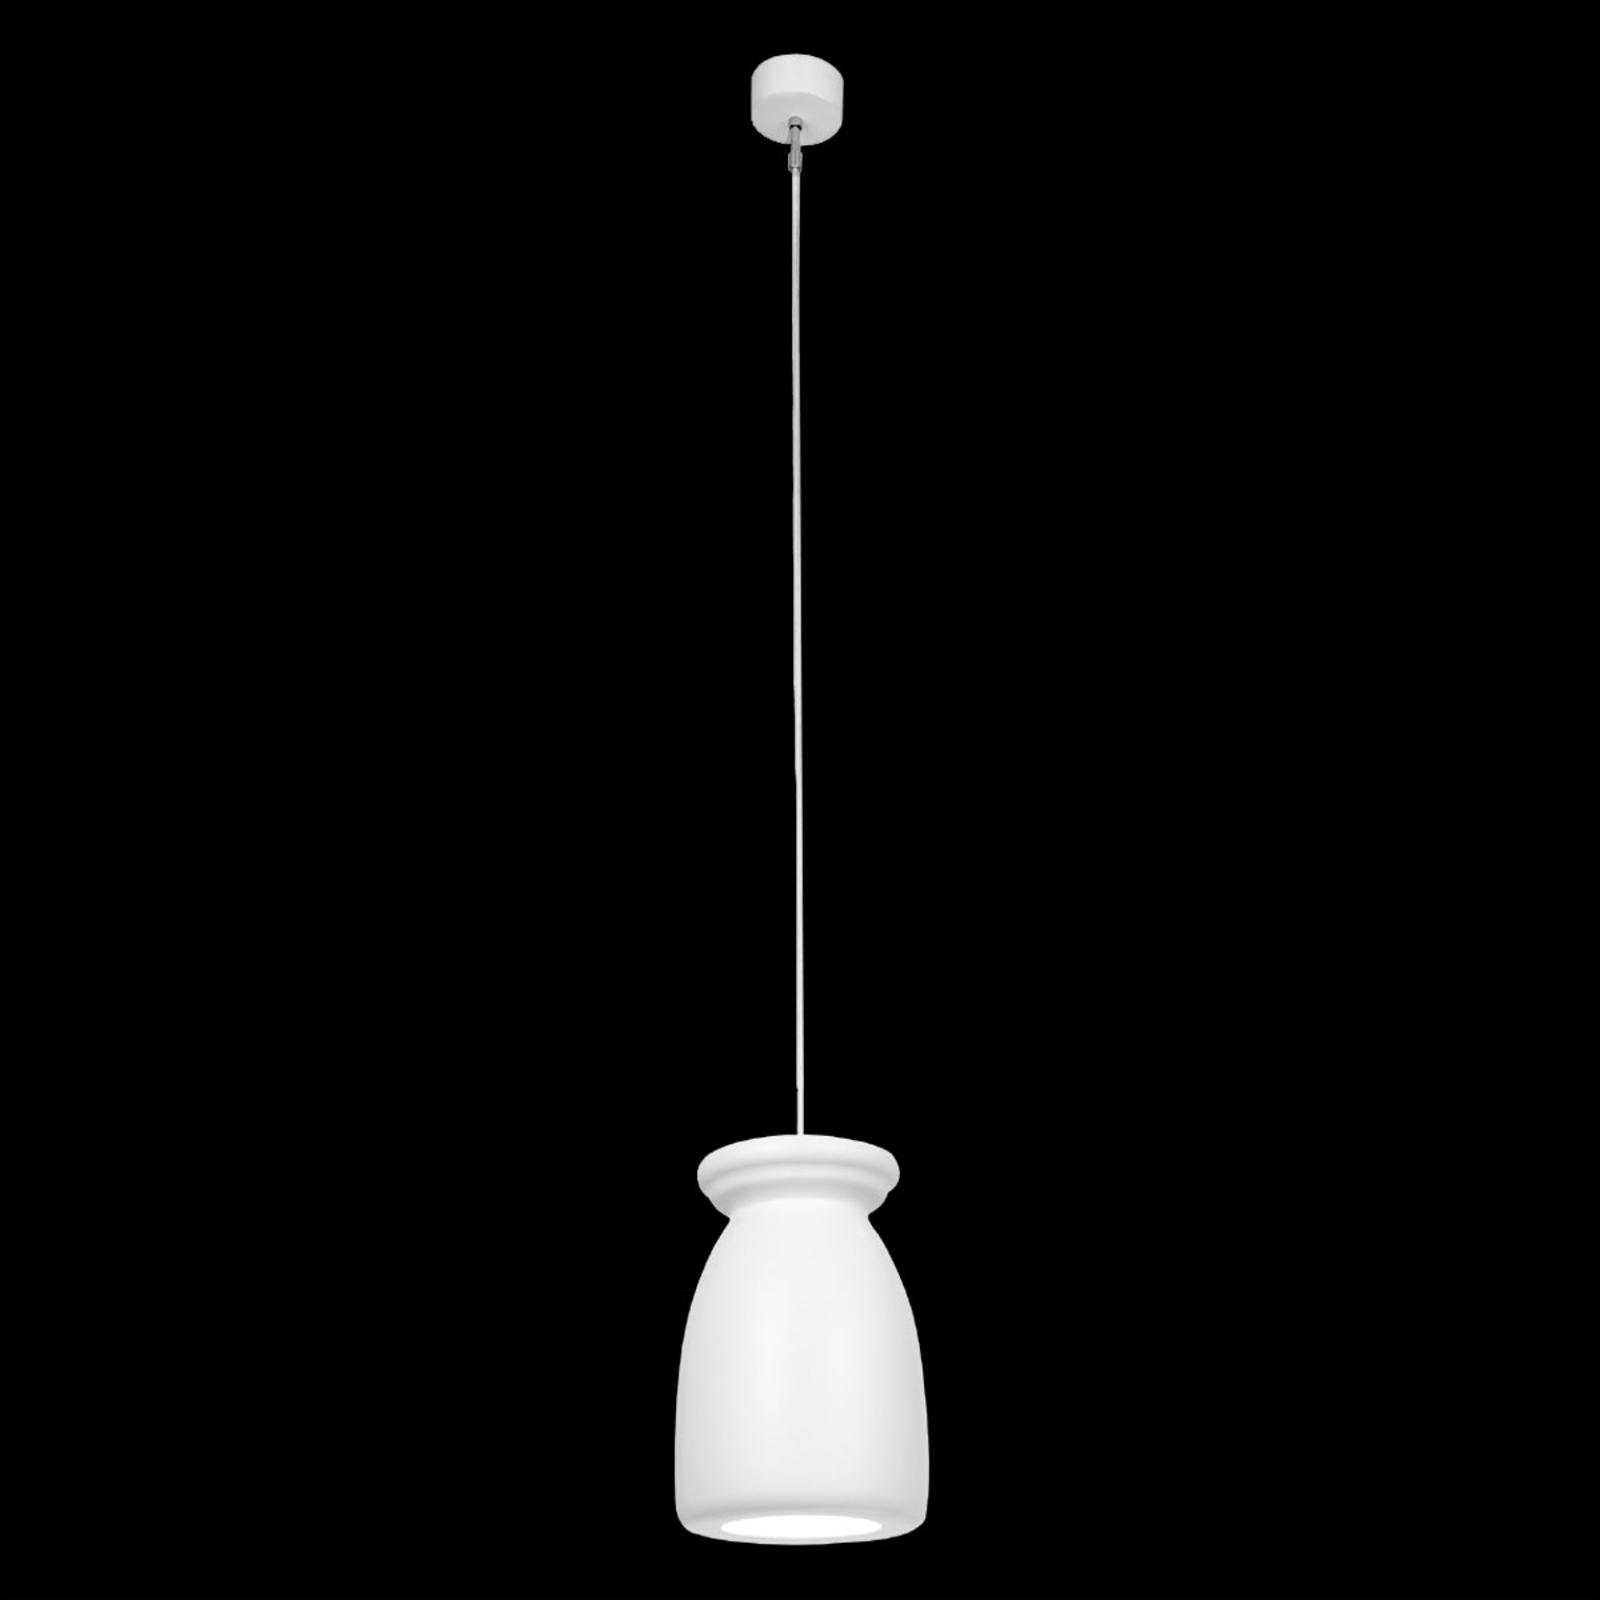 Lámpara colgante abovedada Biscuit, calidad diseño